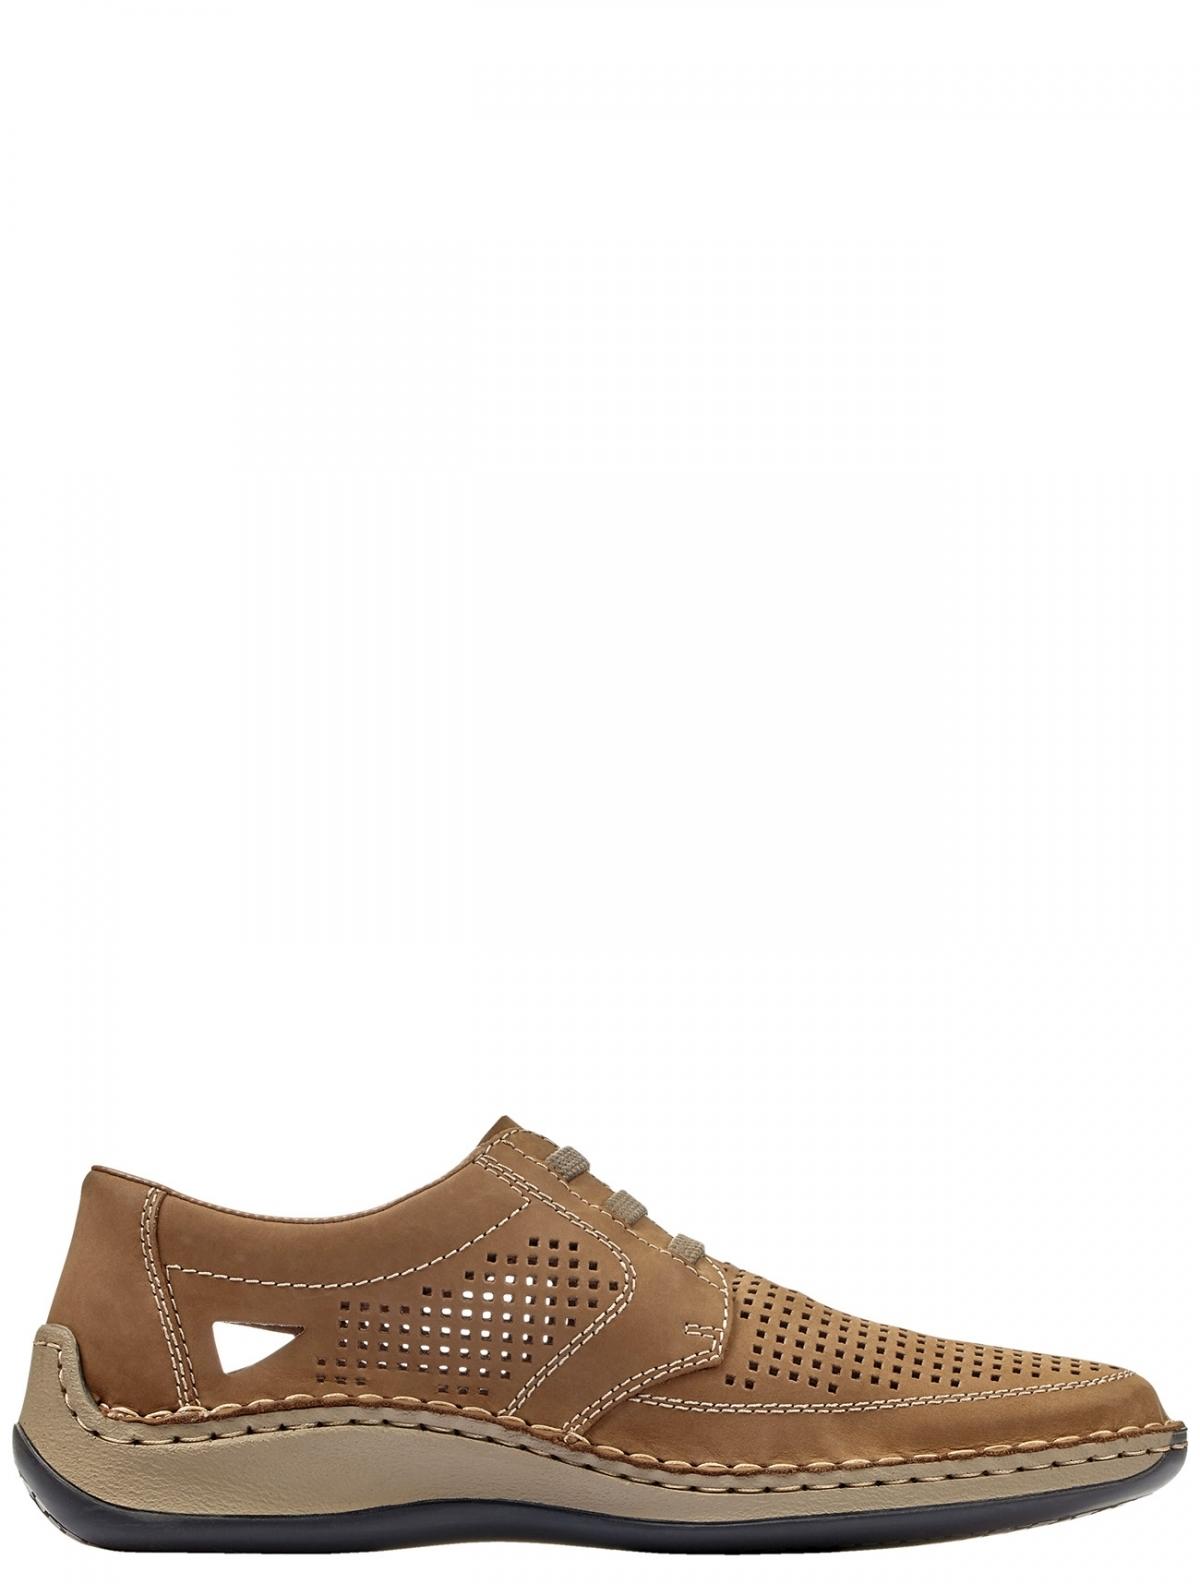 Rieker 05259-64 мужские туфли